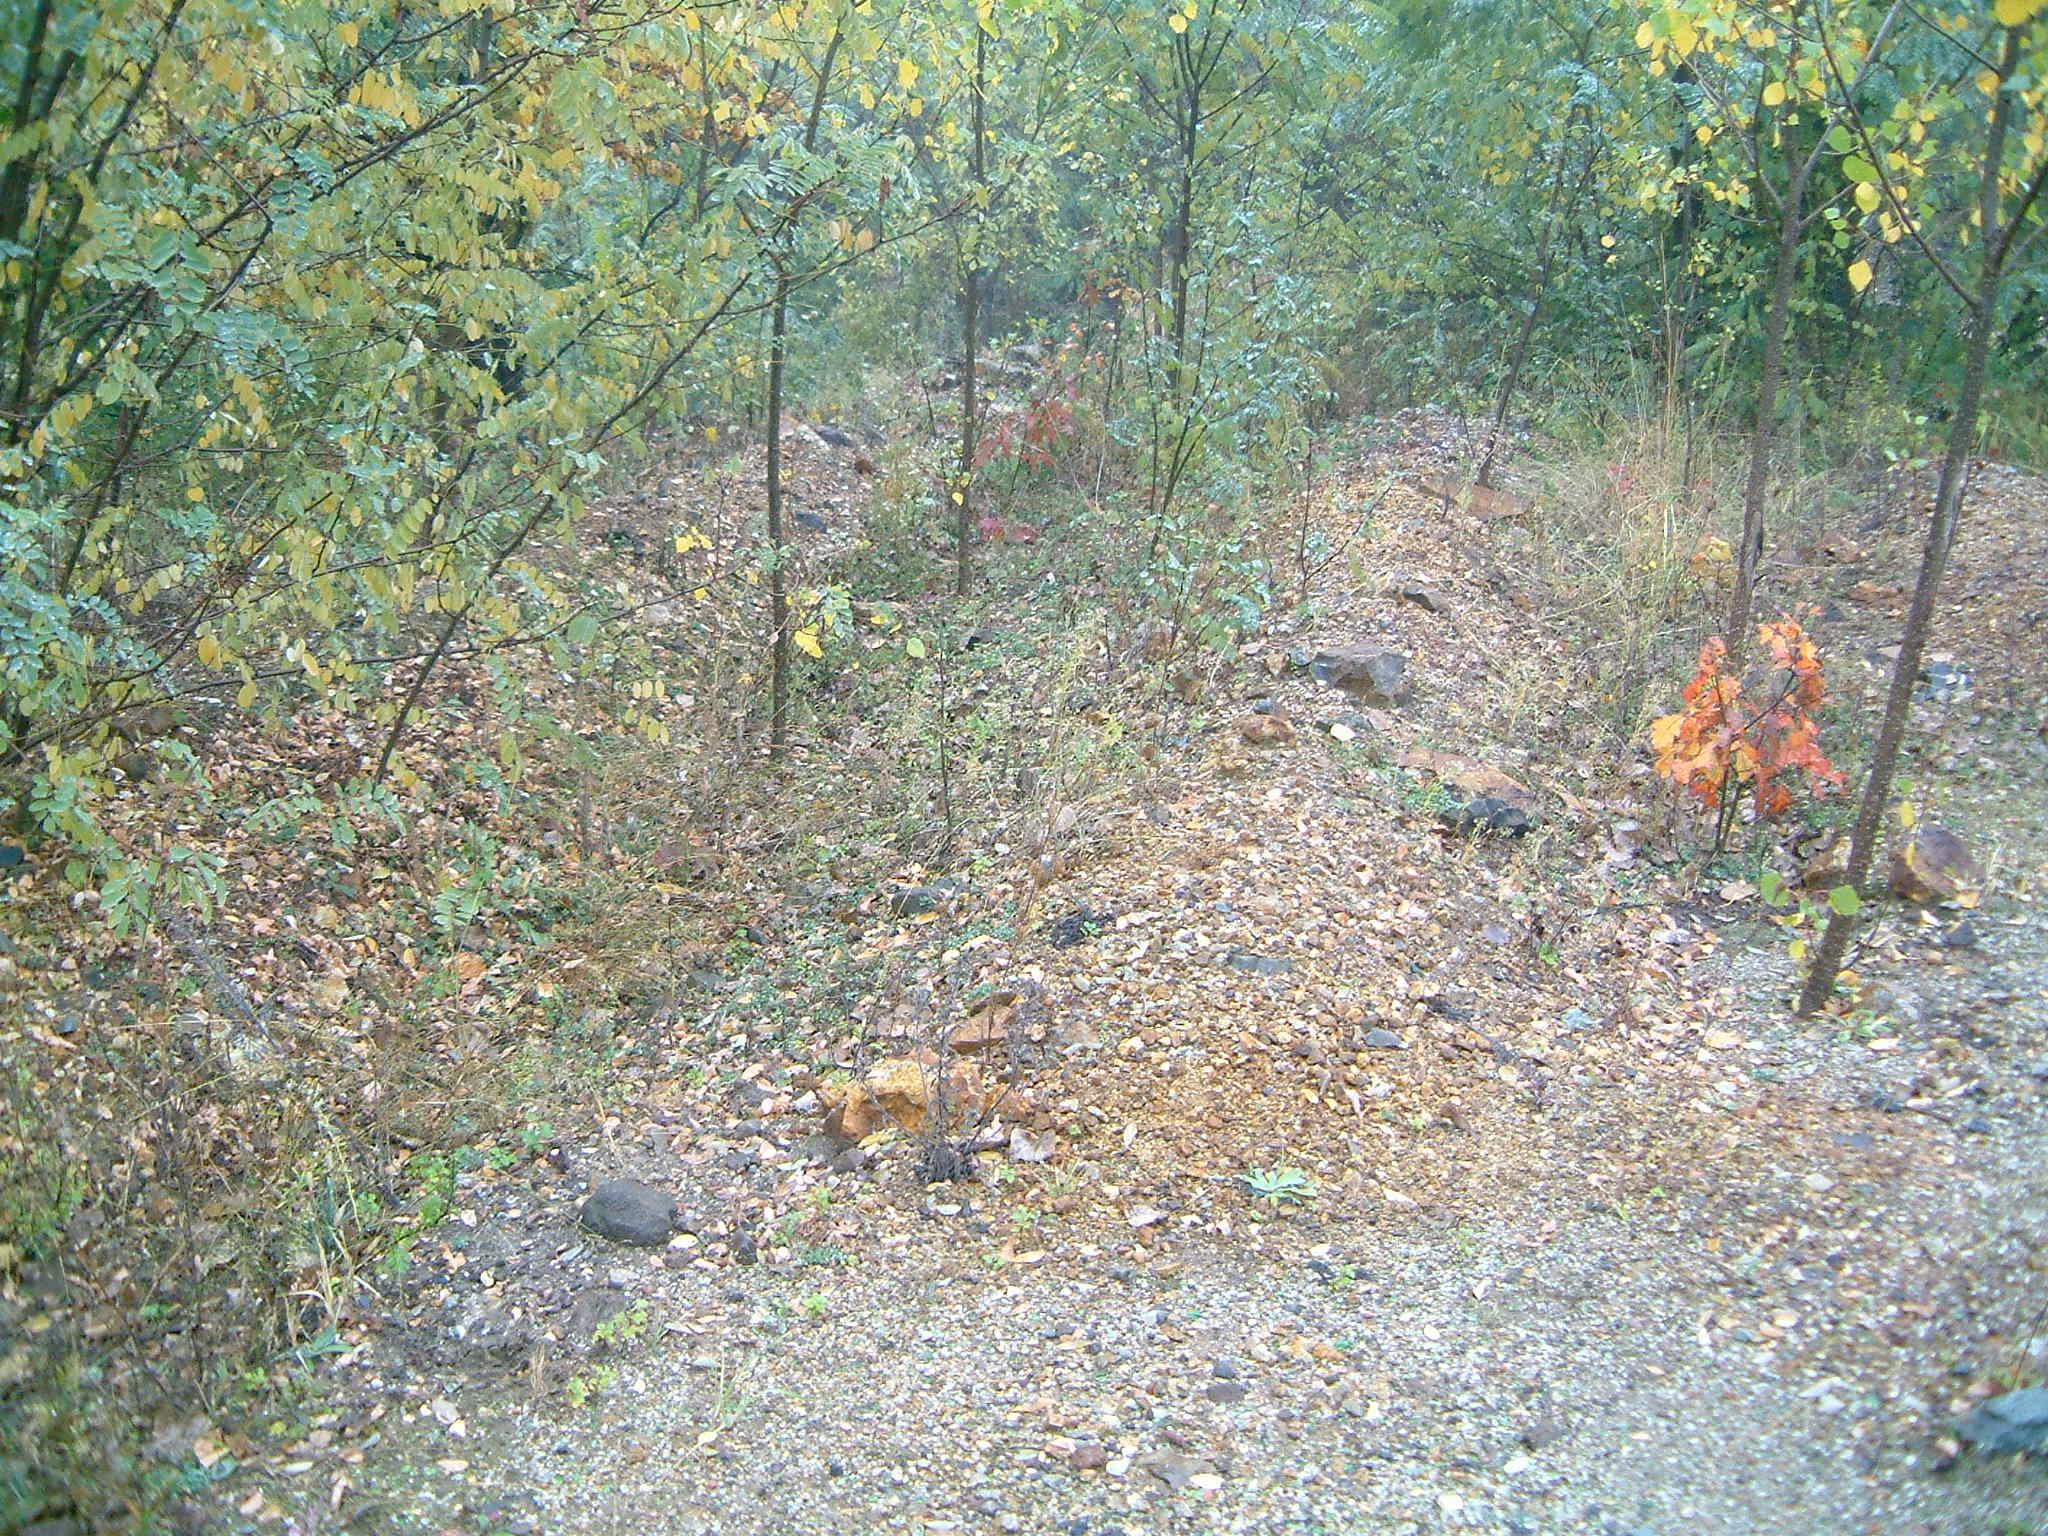 Diffúz szennyezettség a Gyöngyösoroszi bánya ércszállítási útvonalán